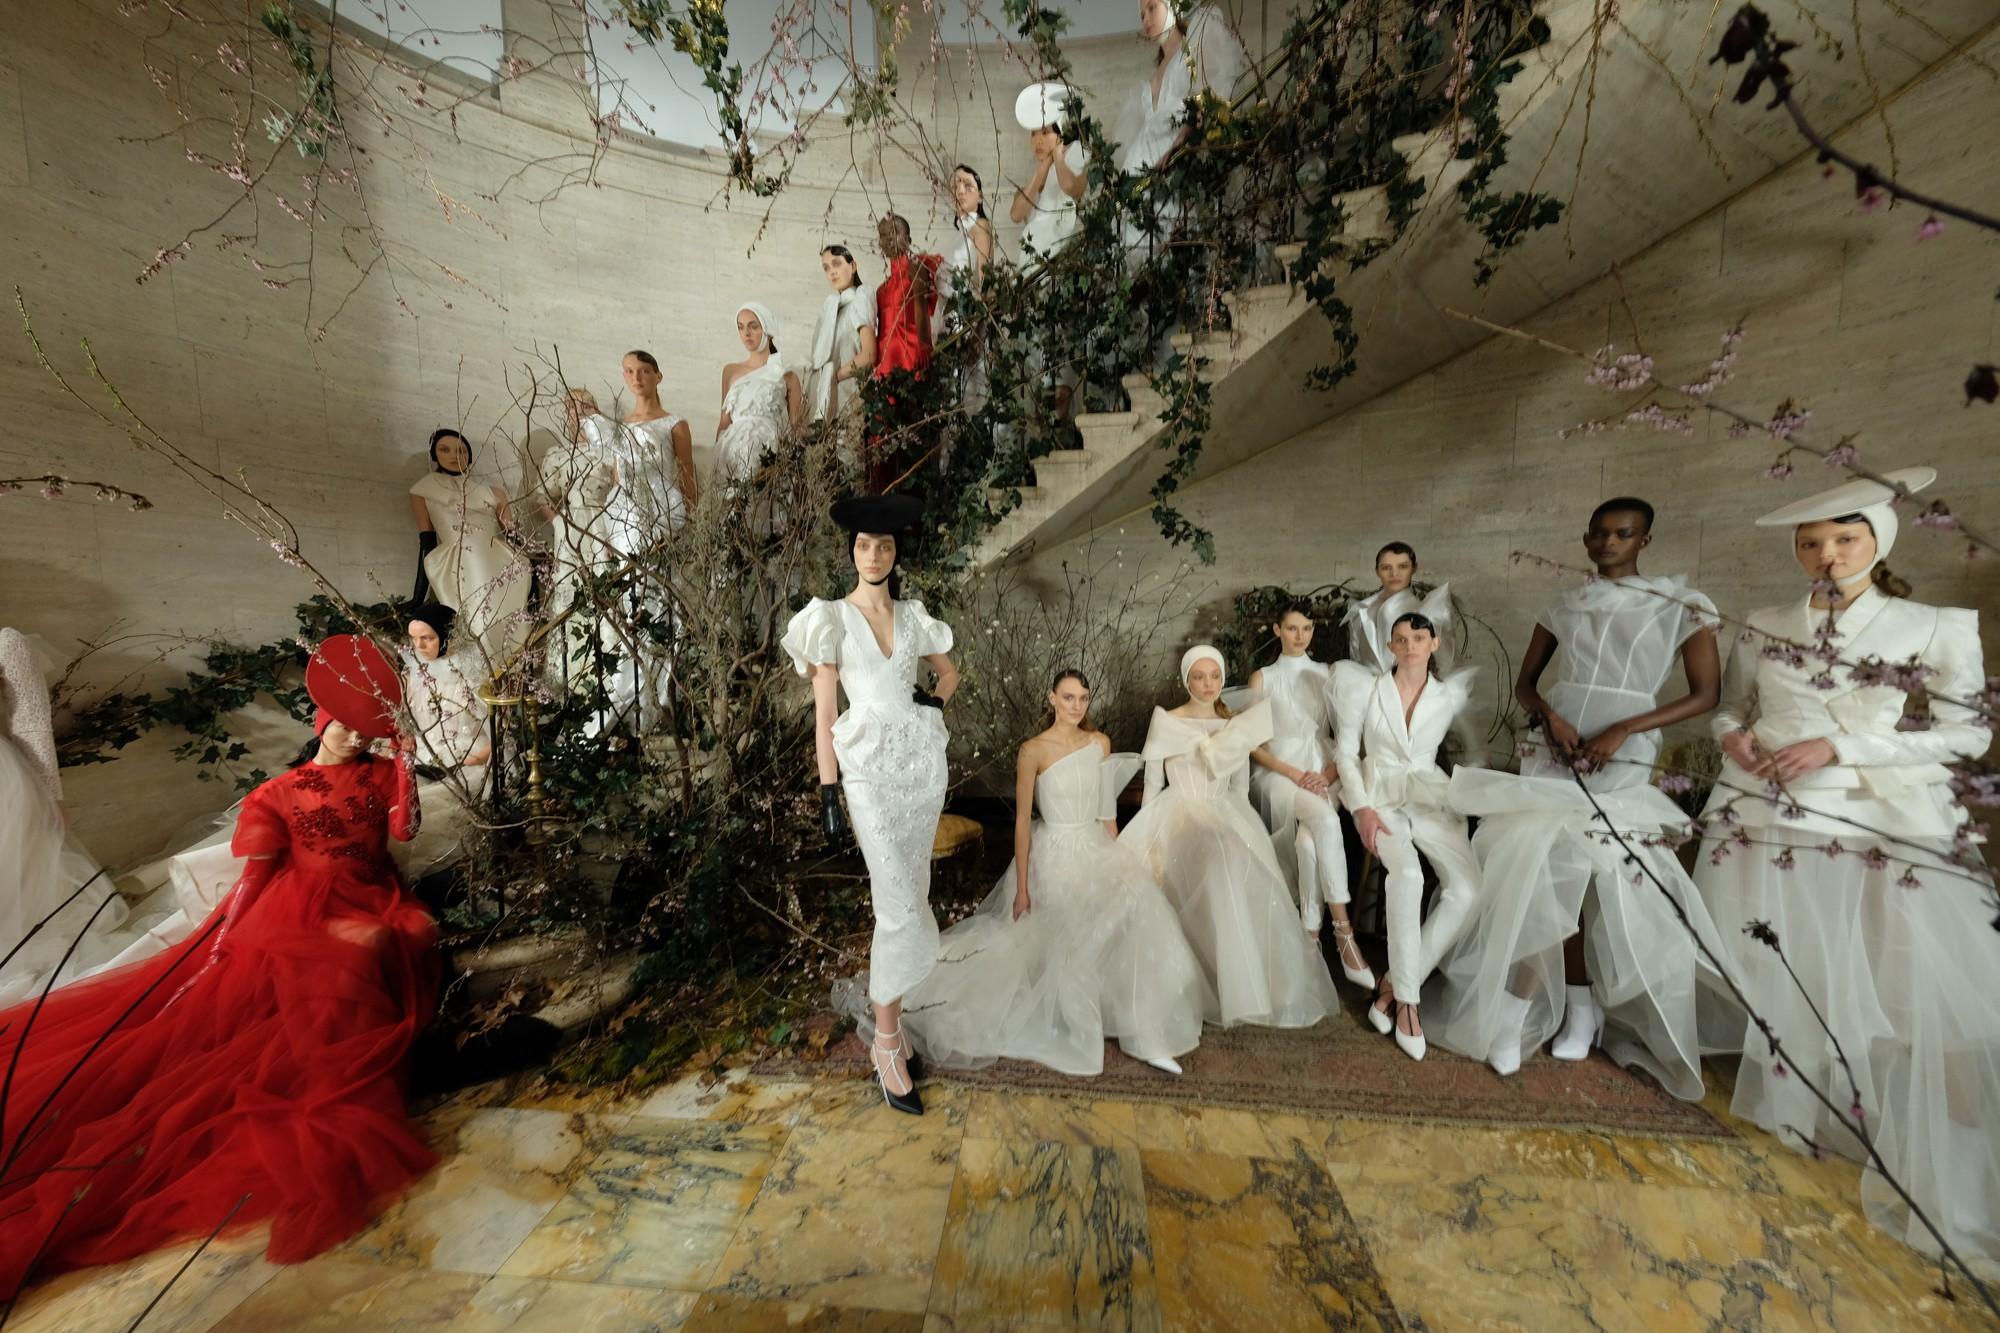 Sau New York, Phuong My lần đầu tiên mang bộ sưu tập cưới triển lãm tại Việt Nam - Ảnh 1.